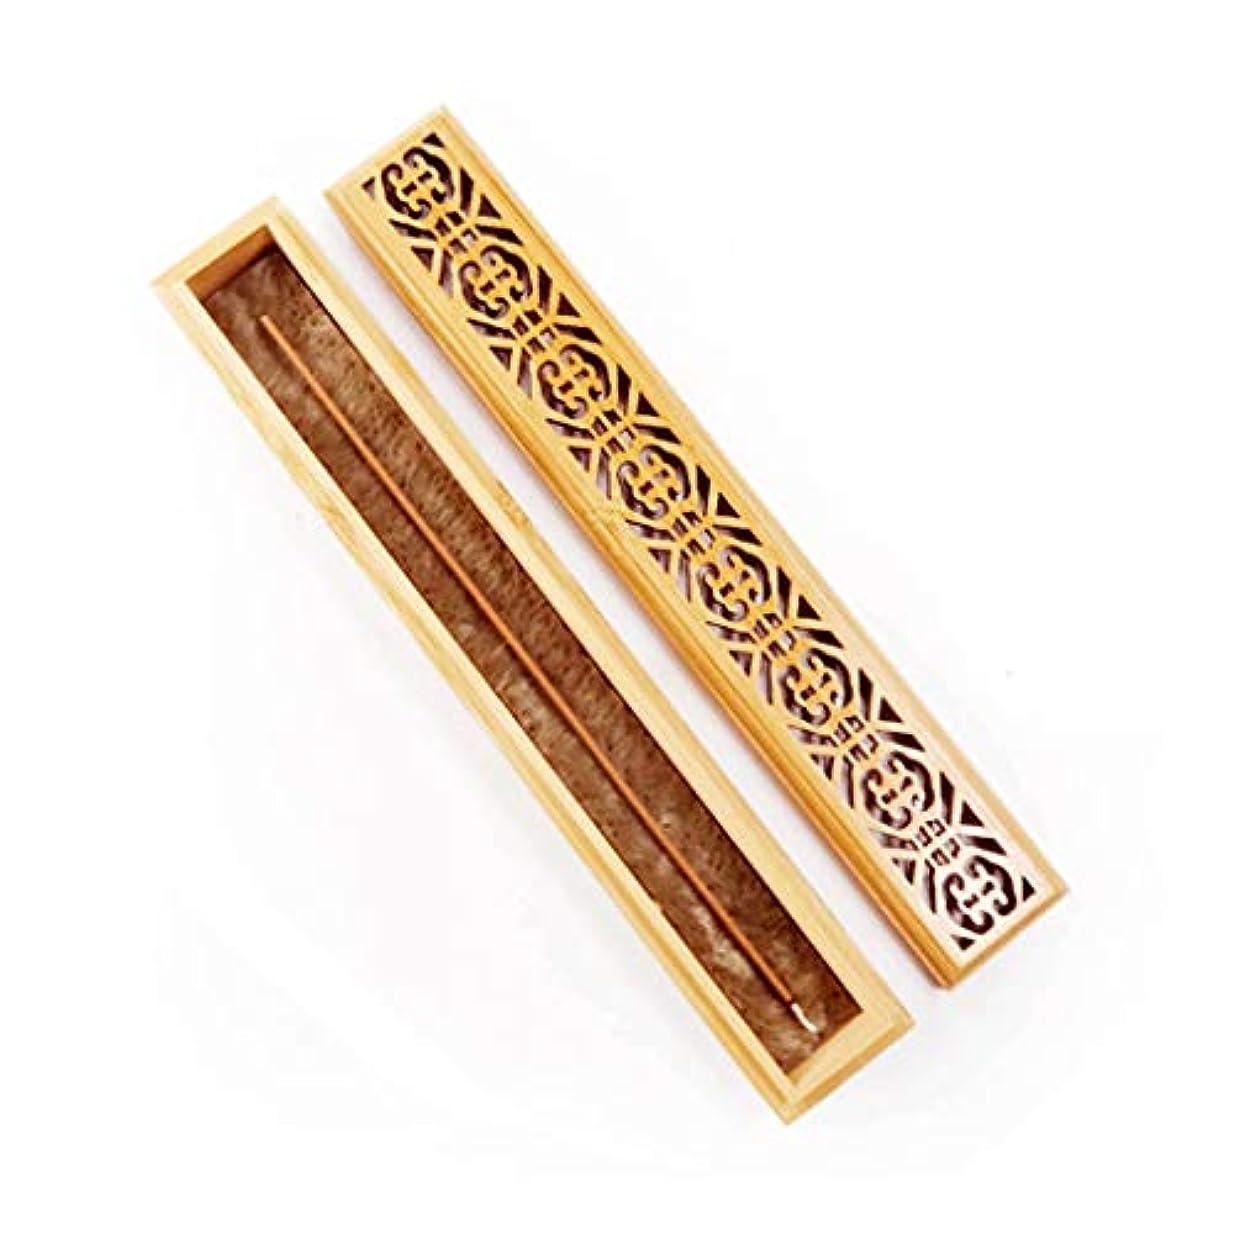 そんなにアーサーコナンドイルプレビスサイトヴィンテージ長方形の竹香炉中空パターン絶妙なふた香スティックホルダー灰キャッチャーホーム香ホルダー (Color : Wood, サイズ : 9.29*1.45*1.02inchs)